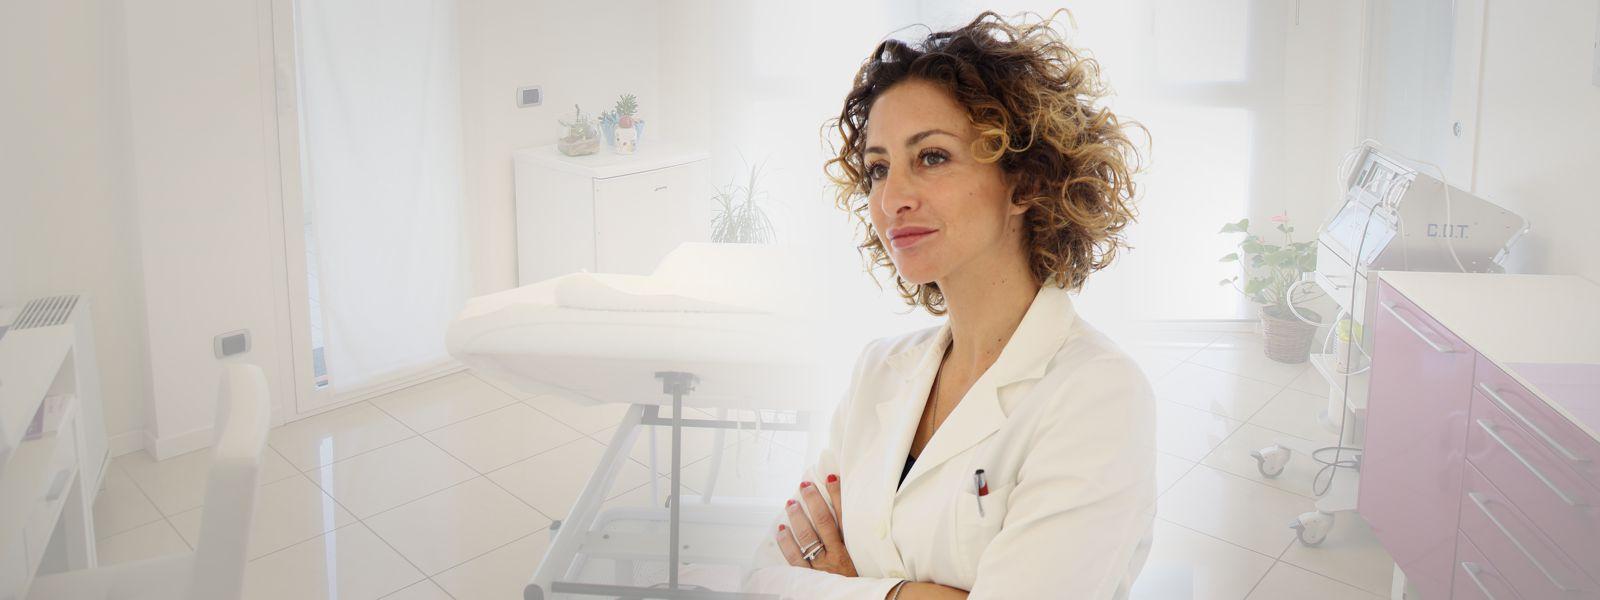 Claudia Ceccaroni | Medicina-Estetica